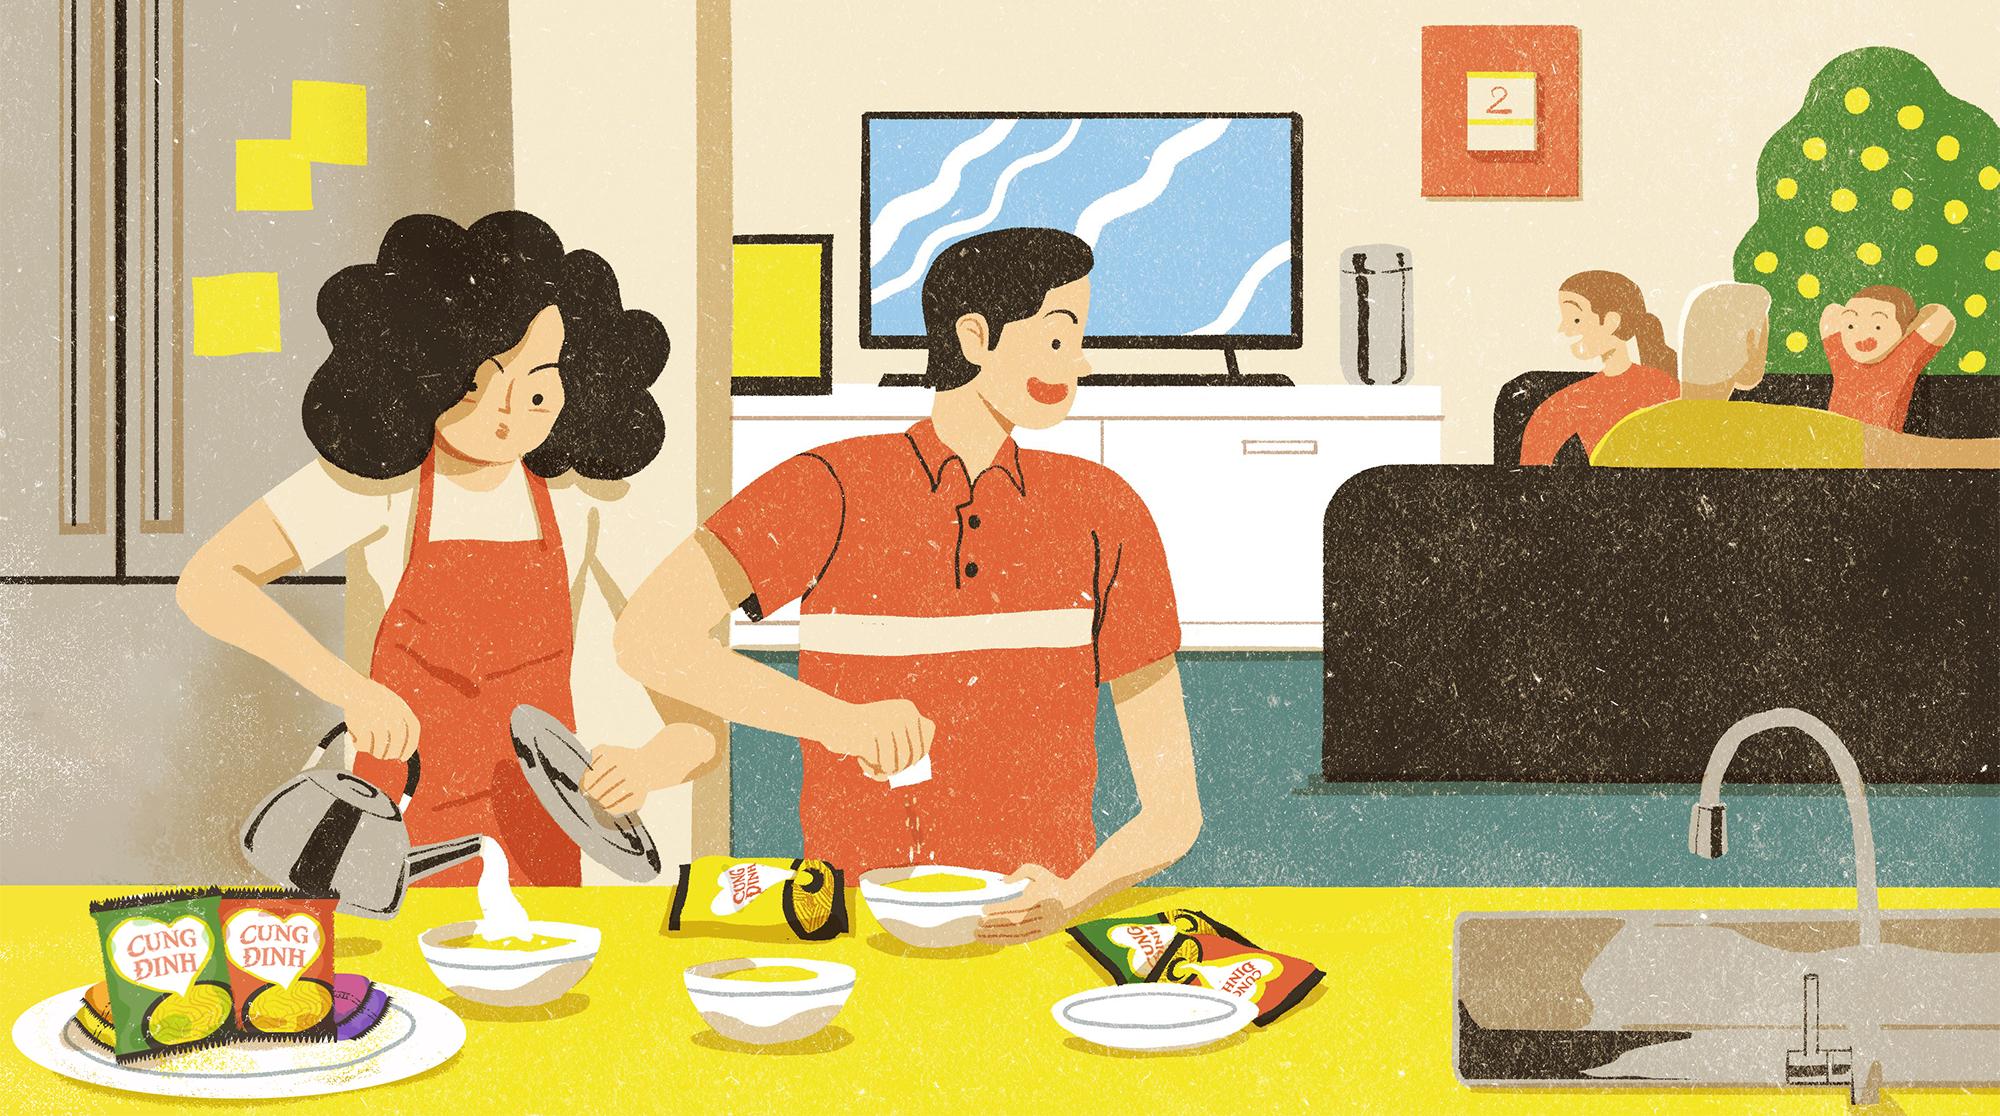 """Tết: Là những ngày quây quần yêu thương, chứ không phải để """"thử sức bền trong bếp! - Ảnh 9."""